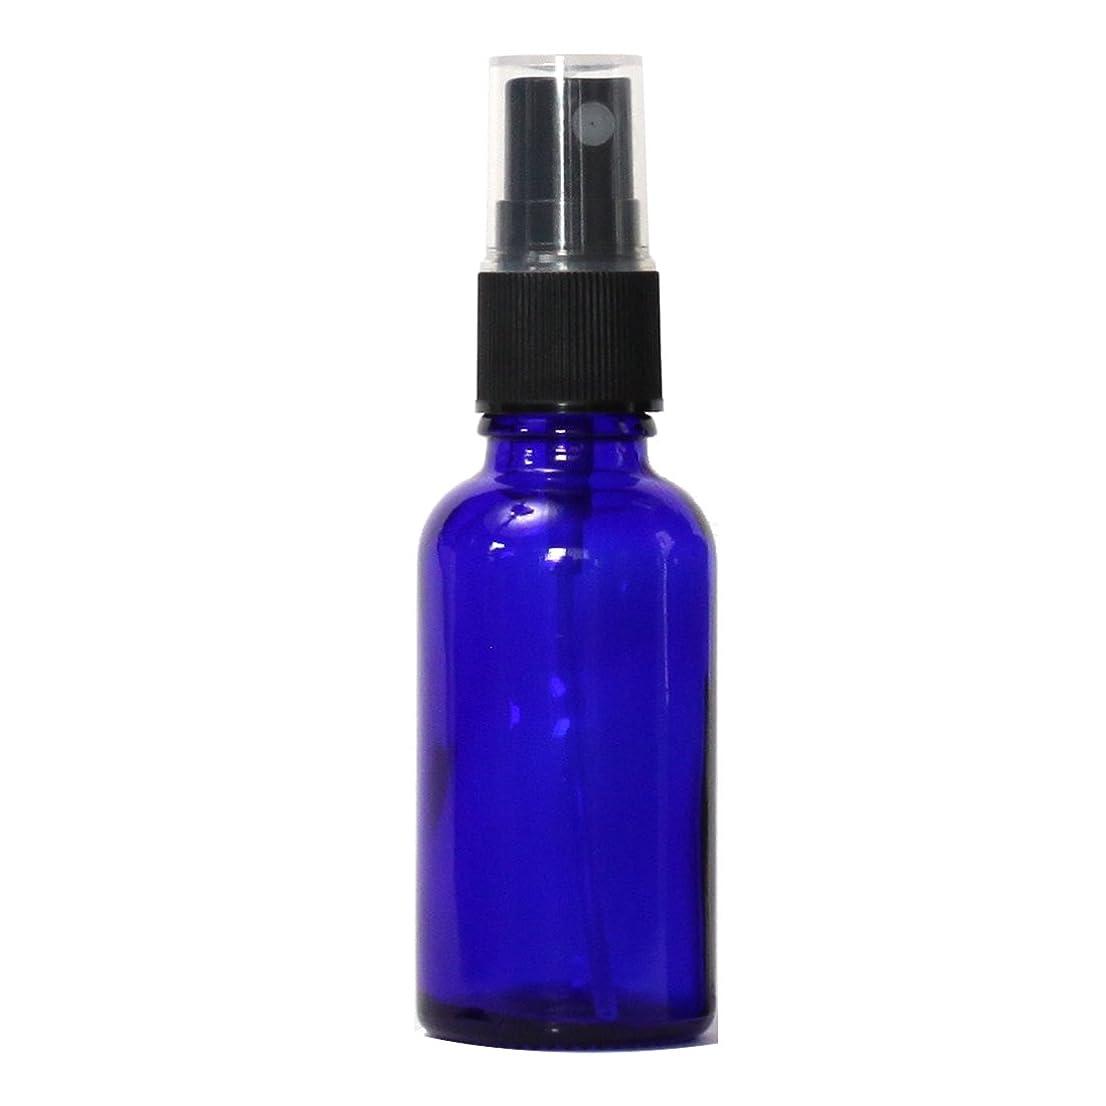 過度に耐える親スプレーガラス瓶ボトル 30mL 遮光性ブルー おしゃれガラスアトマイザー 空容器